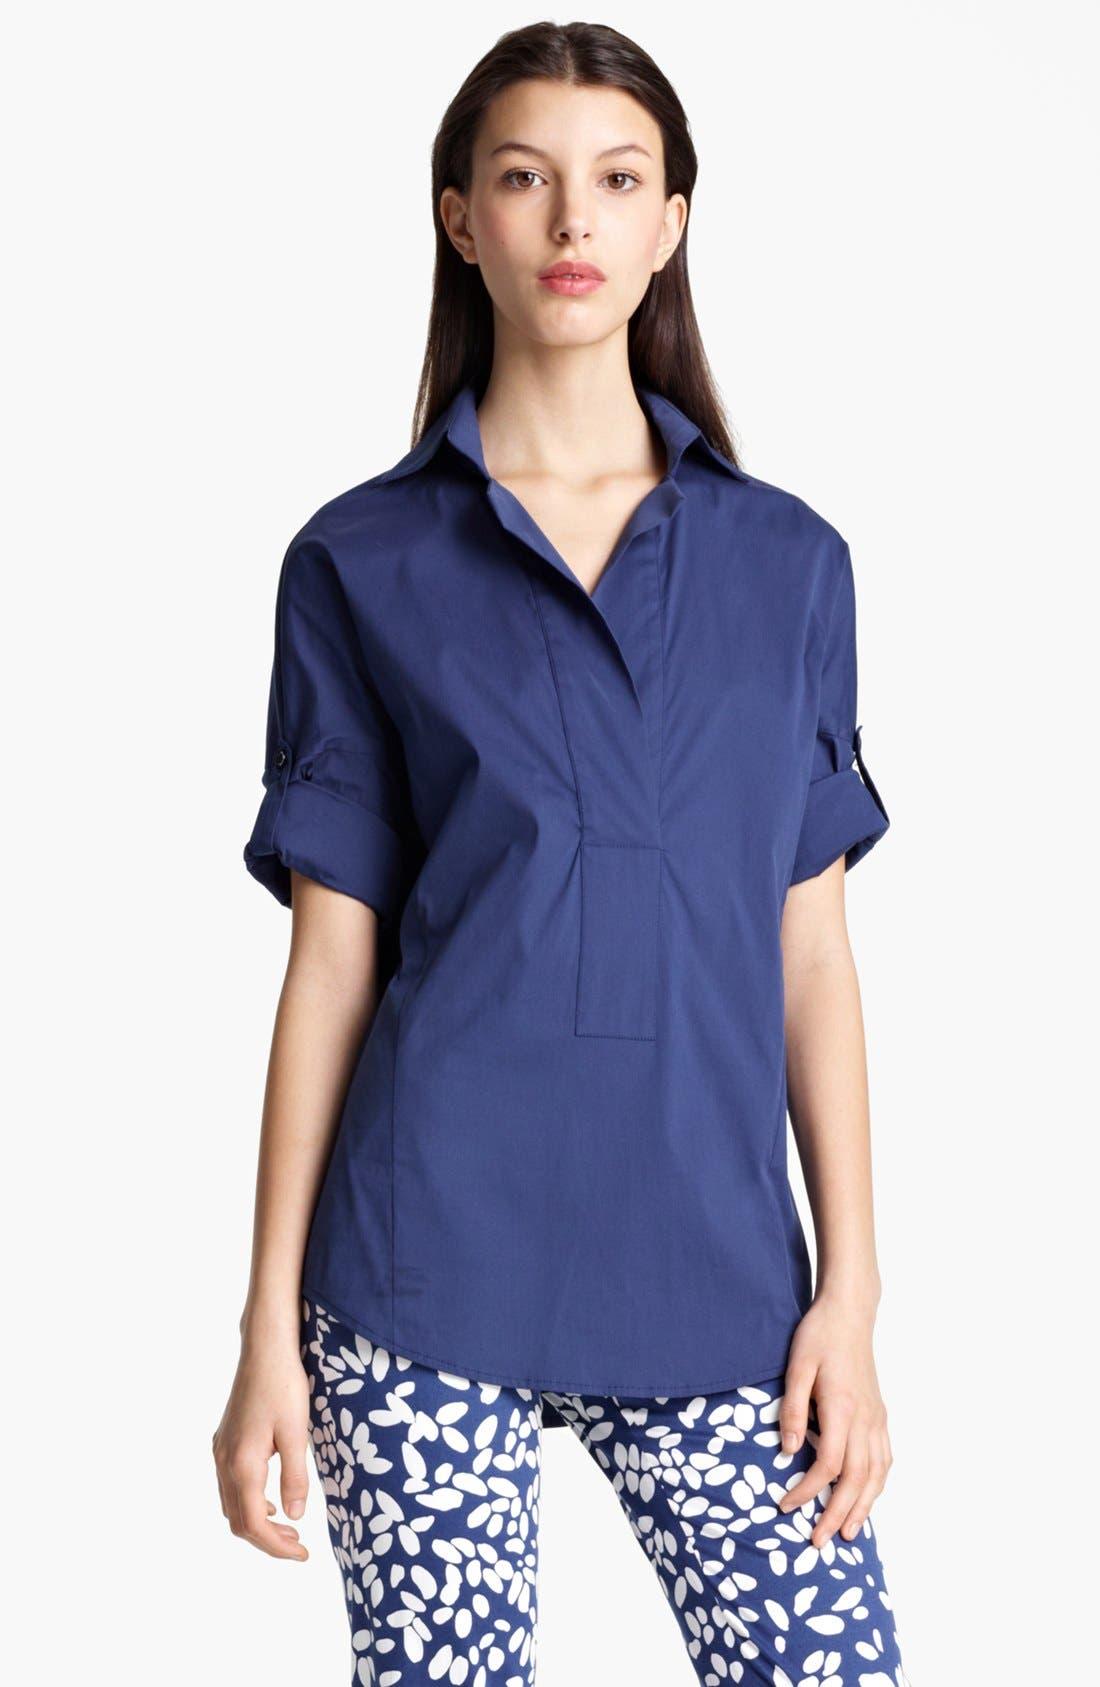 Alternate Image 1 Selected - Armani Collezioni Tunic Top